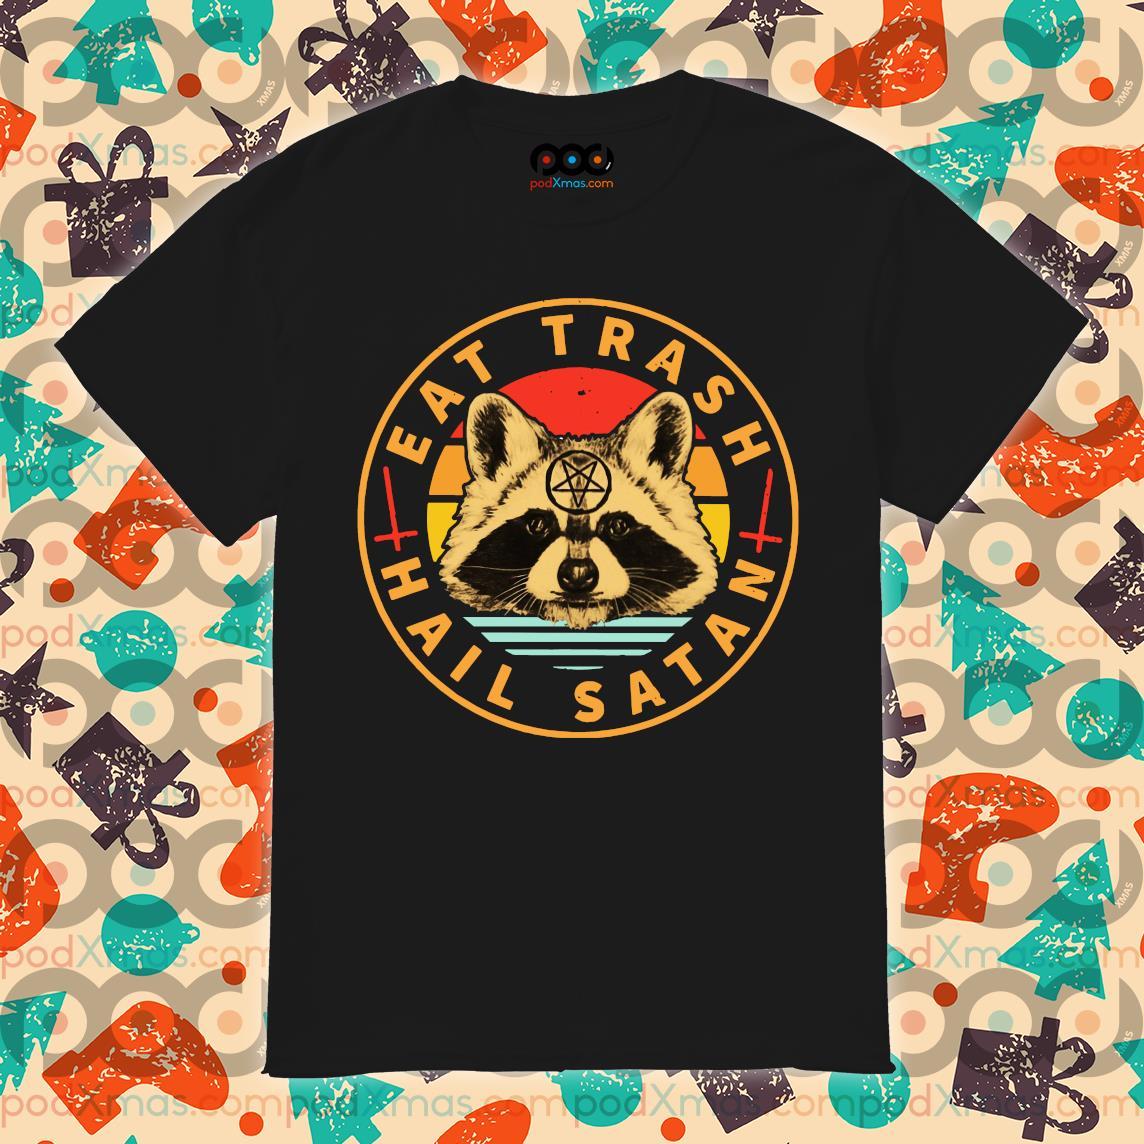 Racoon Eat Trash Hail Satan shirt